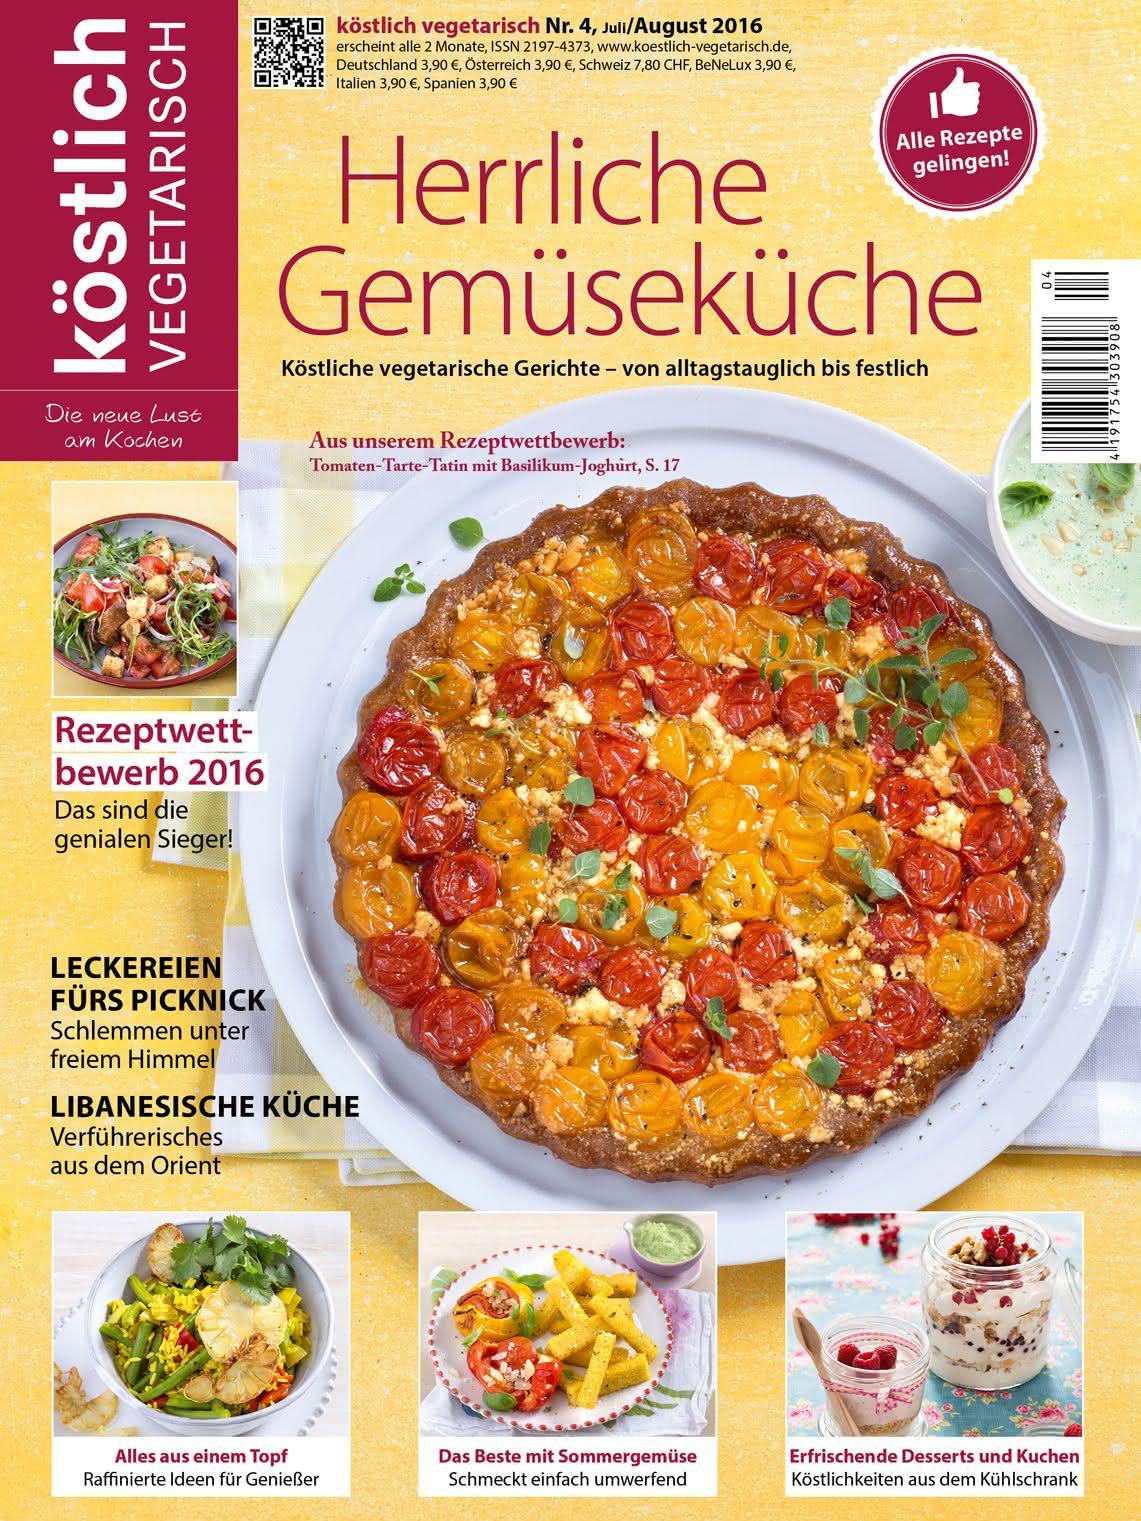 koestlich vegetarisch Ausgabe 4/16 Herrliche Gemuesekueche